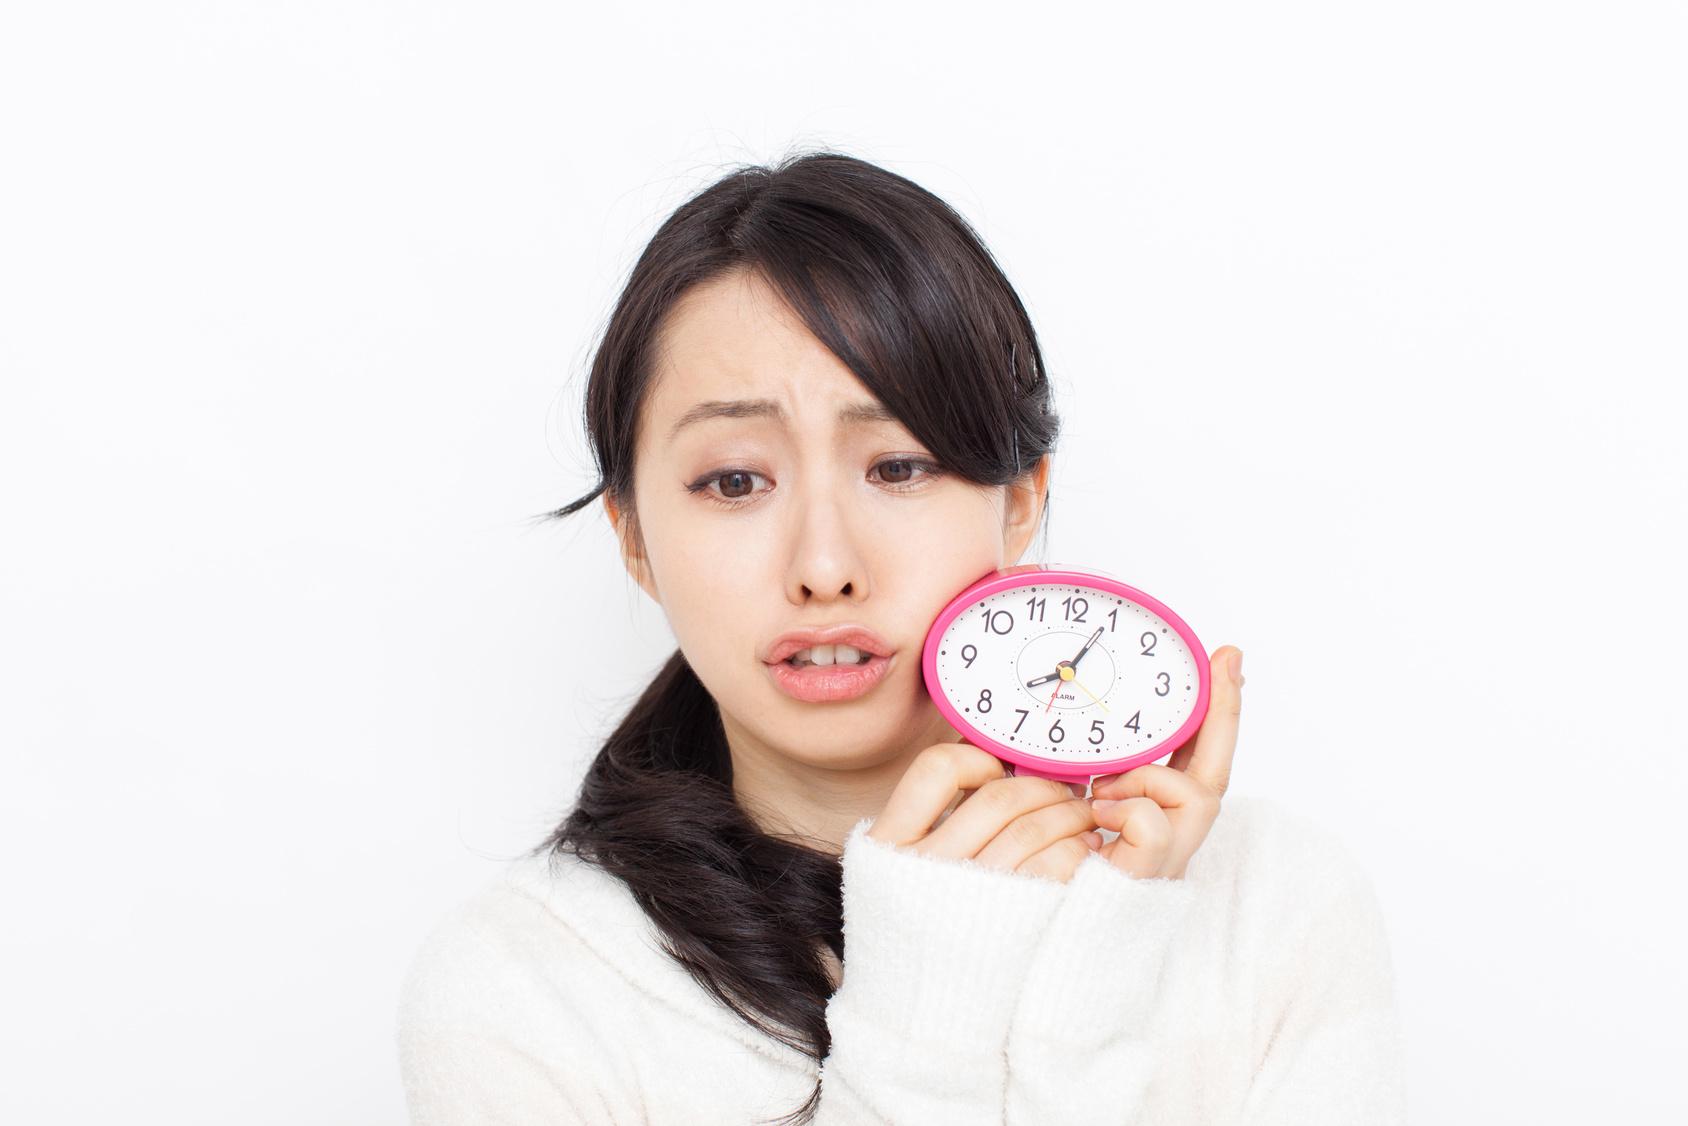 時間がない!!忙しくてもできる歯のお手入れ方法3つ